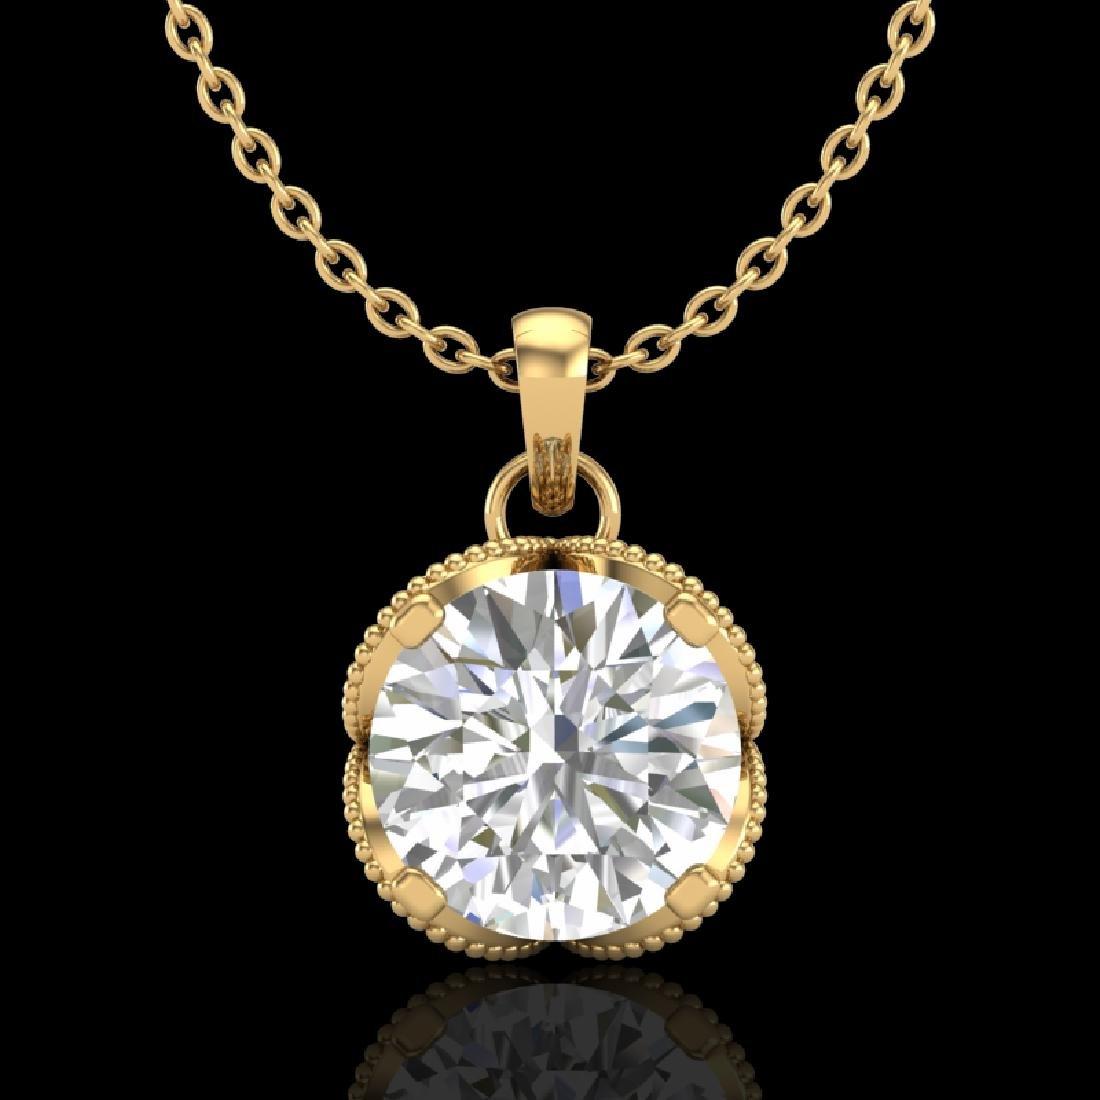 1.13 CTW VS/SI Diamond Solitaire Art Deco Necklace 18K